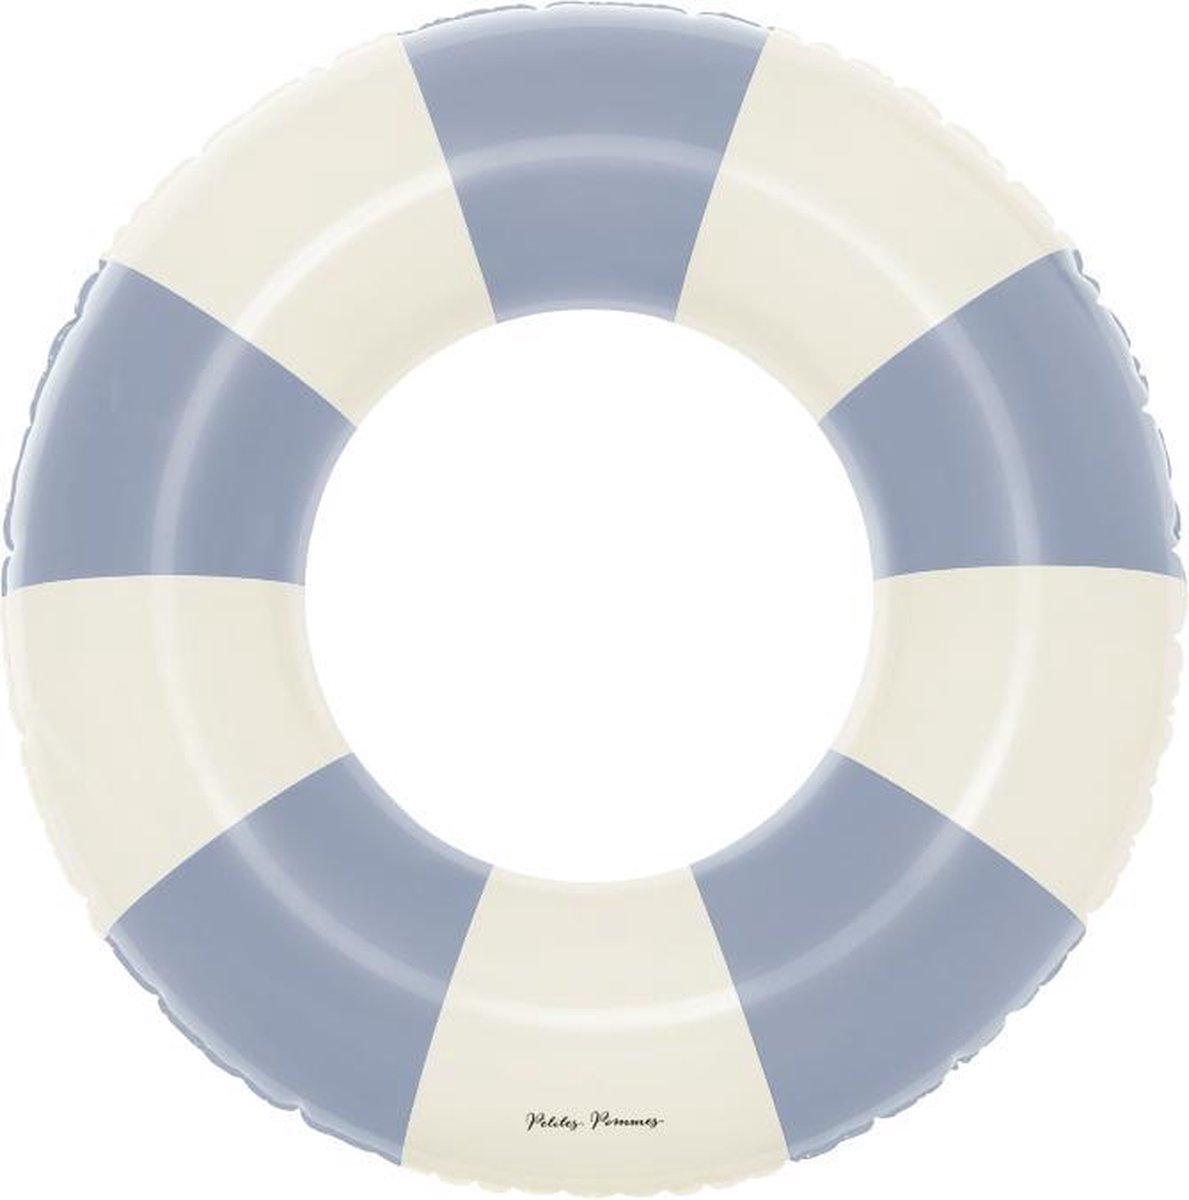 Petites Pommes Zwemring Olivia Nordic Blue - Zwemband - 45 cm - 1 tot 3 jaar